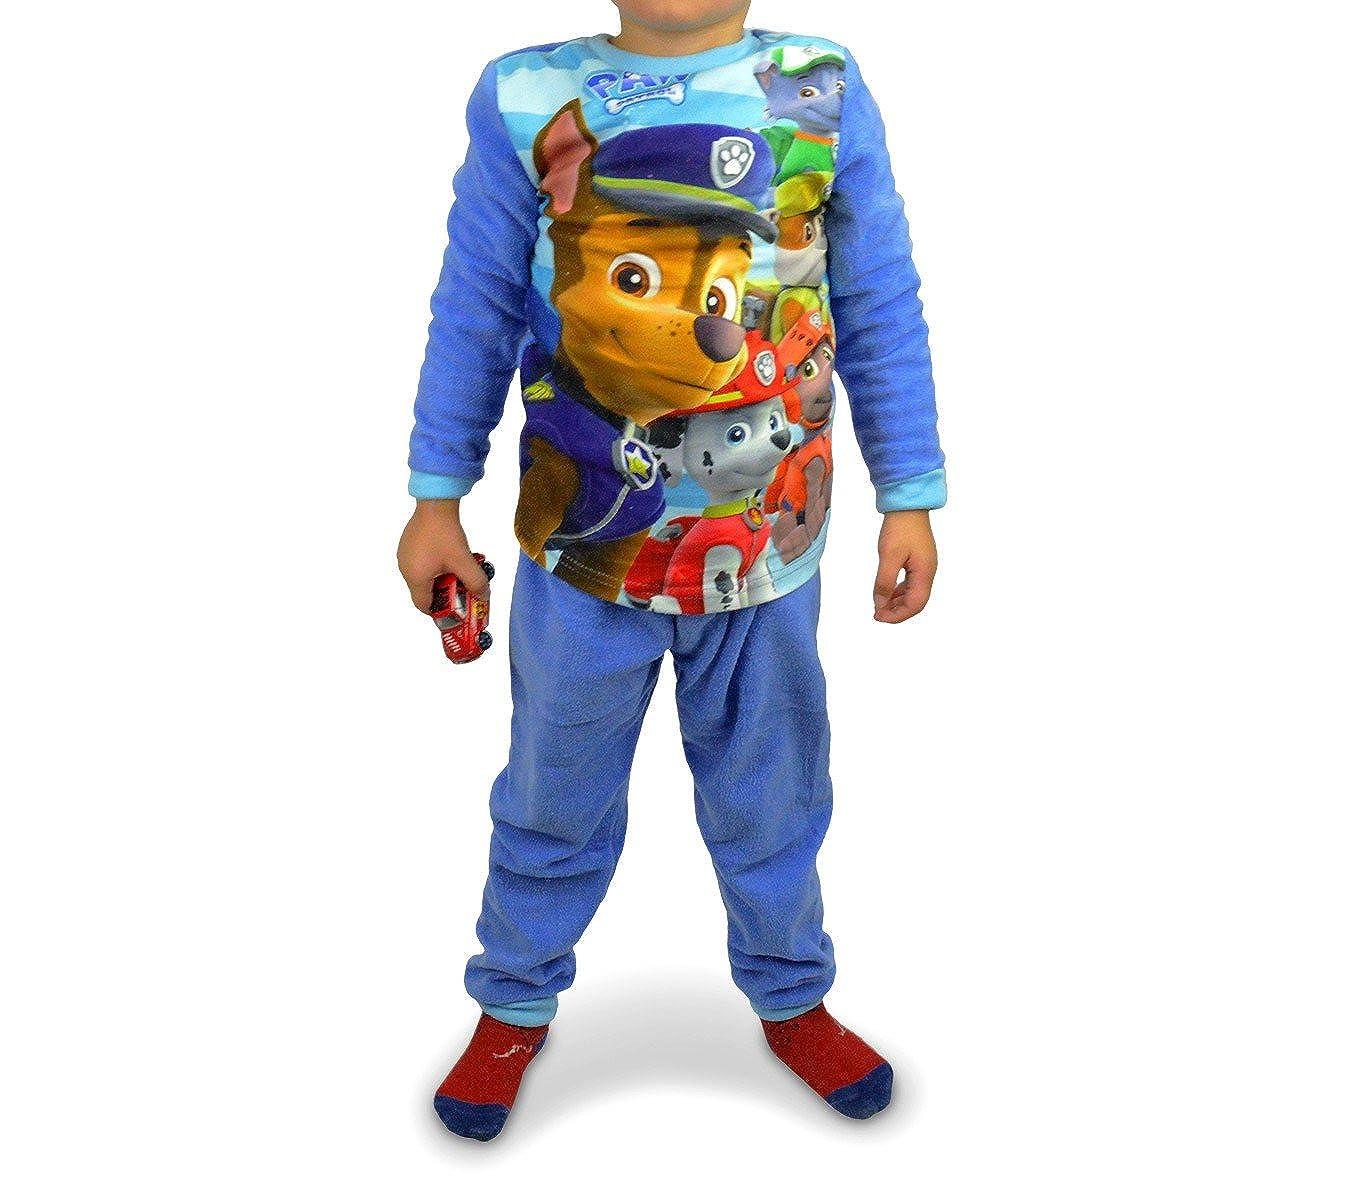 MEDIA WAVE store /® 5 anni 897018 Pigiama da bambino con grafica di Paw Patrol in caldo pile da 3 a 6 anni